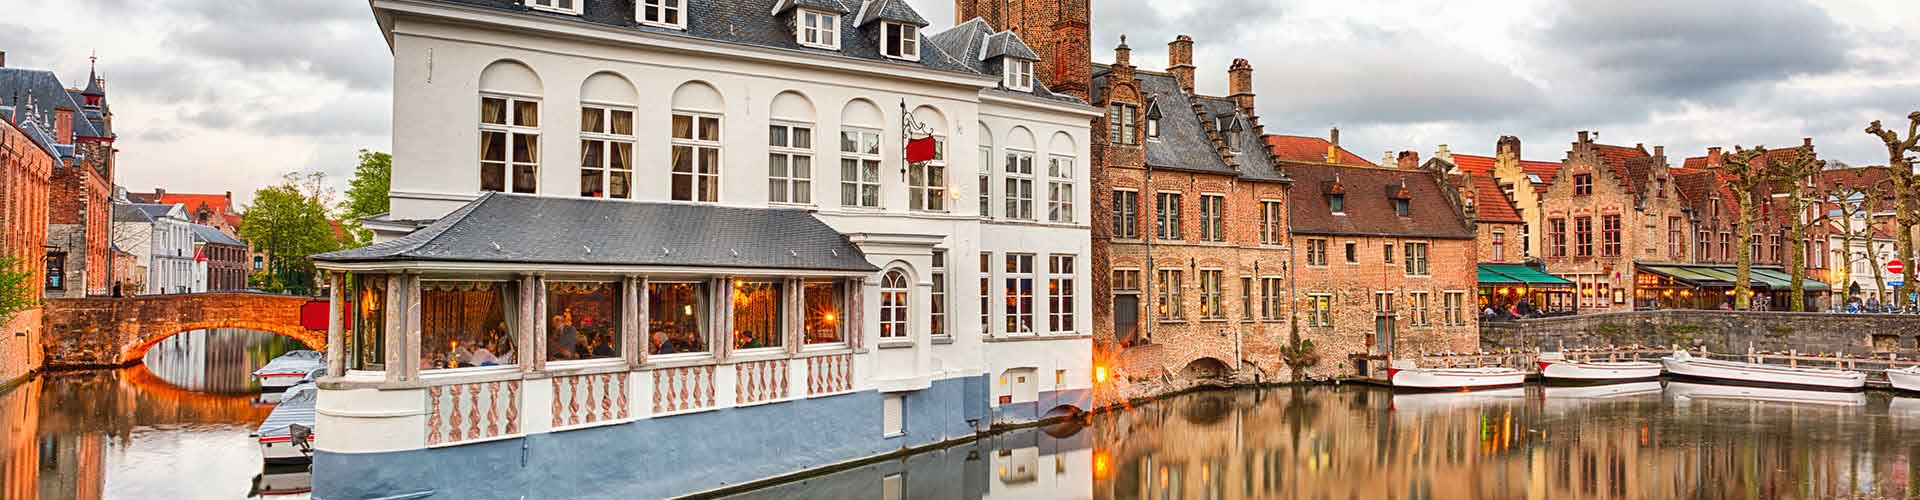 Bruges - Appartements près de Centre ville. Cartes pour Bruges, photos et commentaires pour chaque appartement à Bruges.